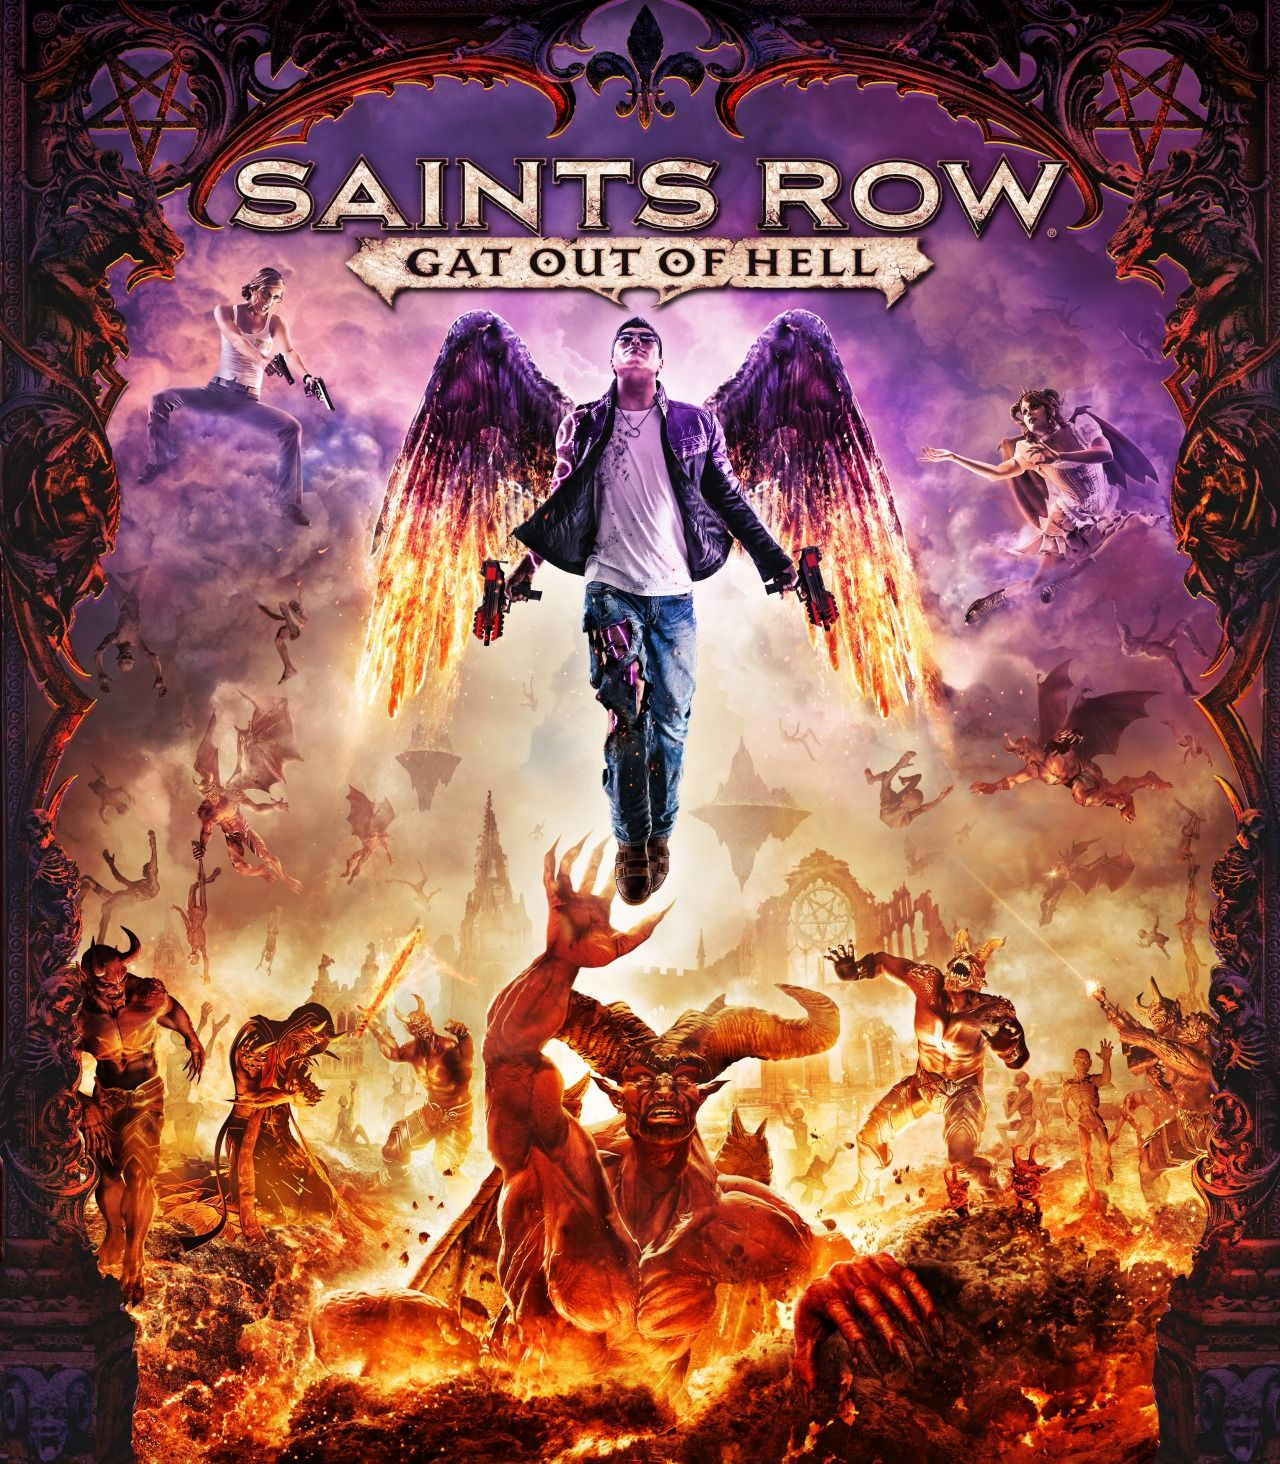 Saints Row: Gat Out of Hell nos llevará al Infierno en Enero